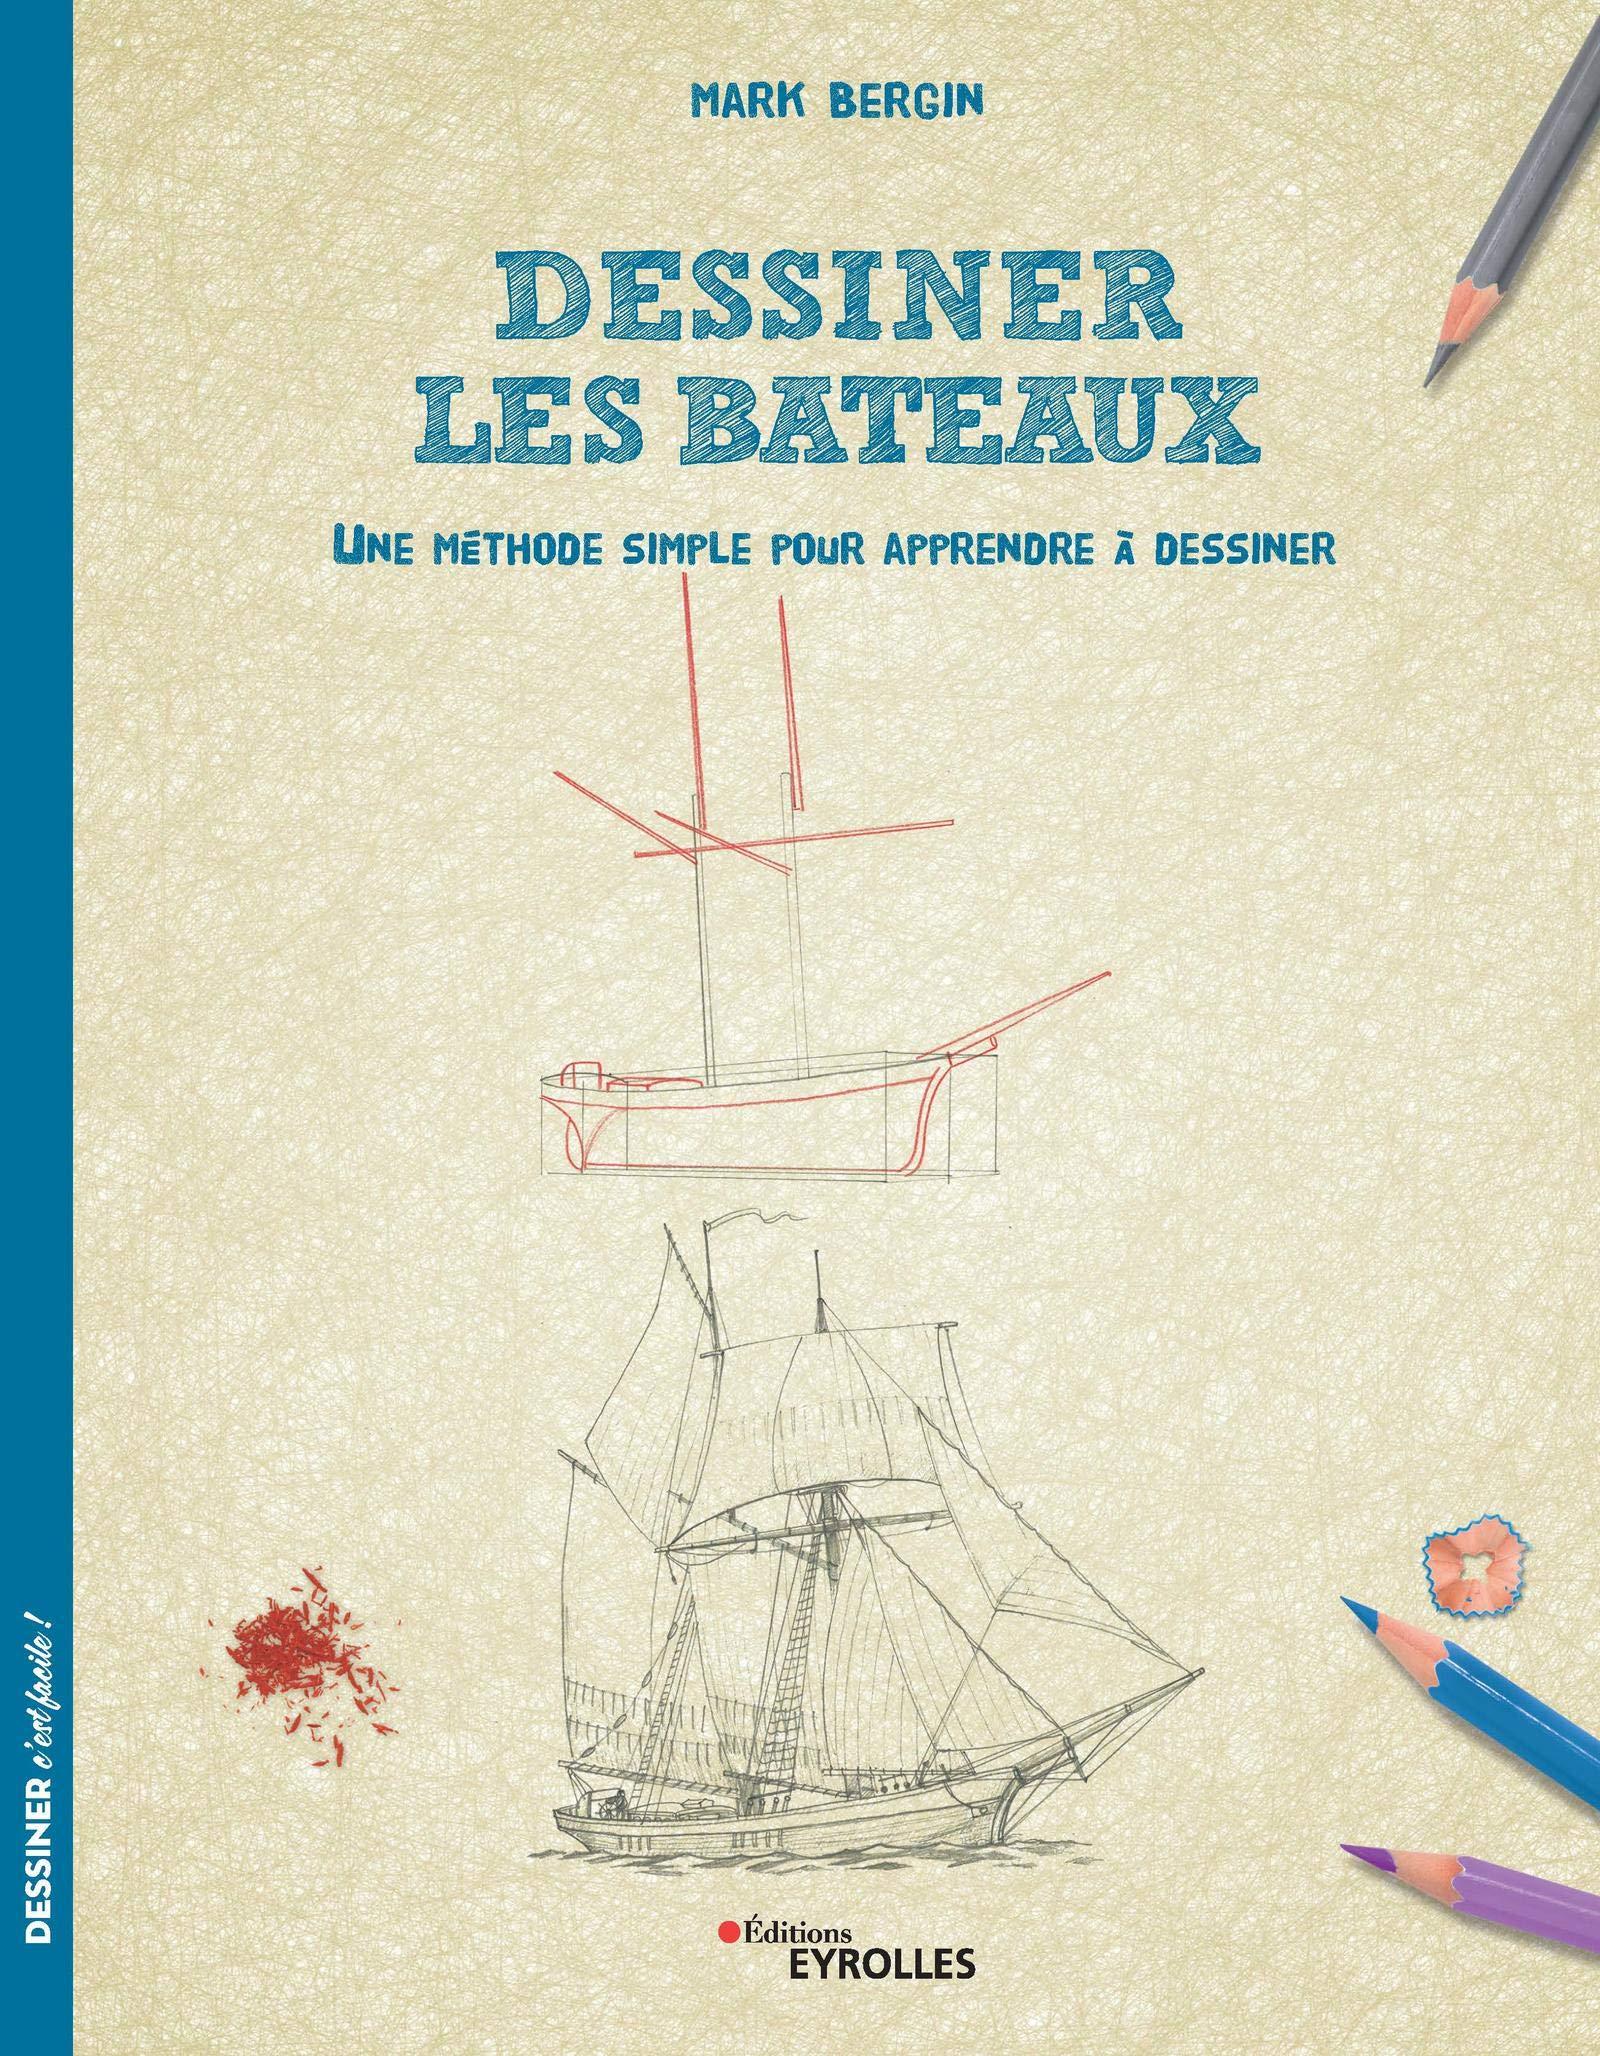 Amazon Fr Dessiner Les Bateaux Une Methode Simple Pour Apprendre A Dessiner Bergin Mark Livres